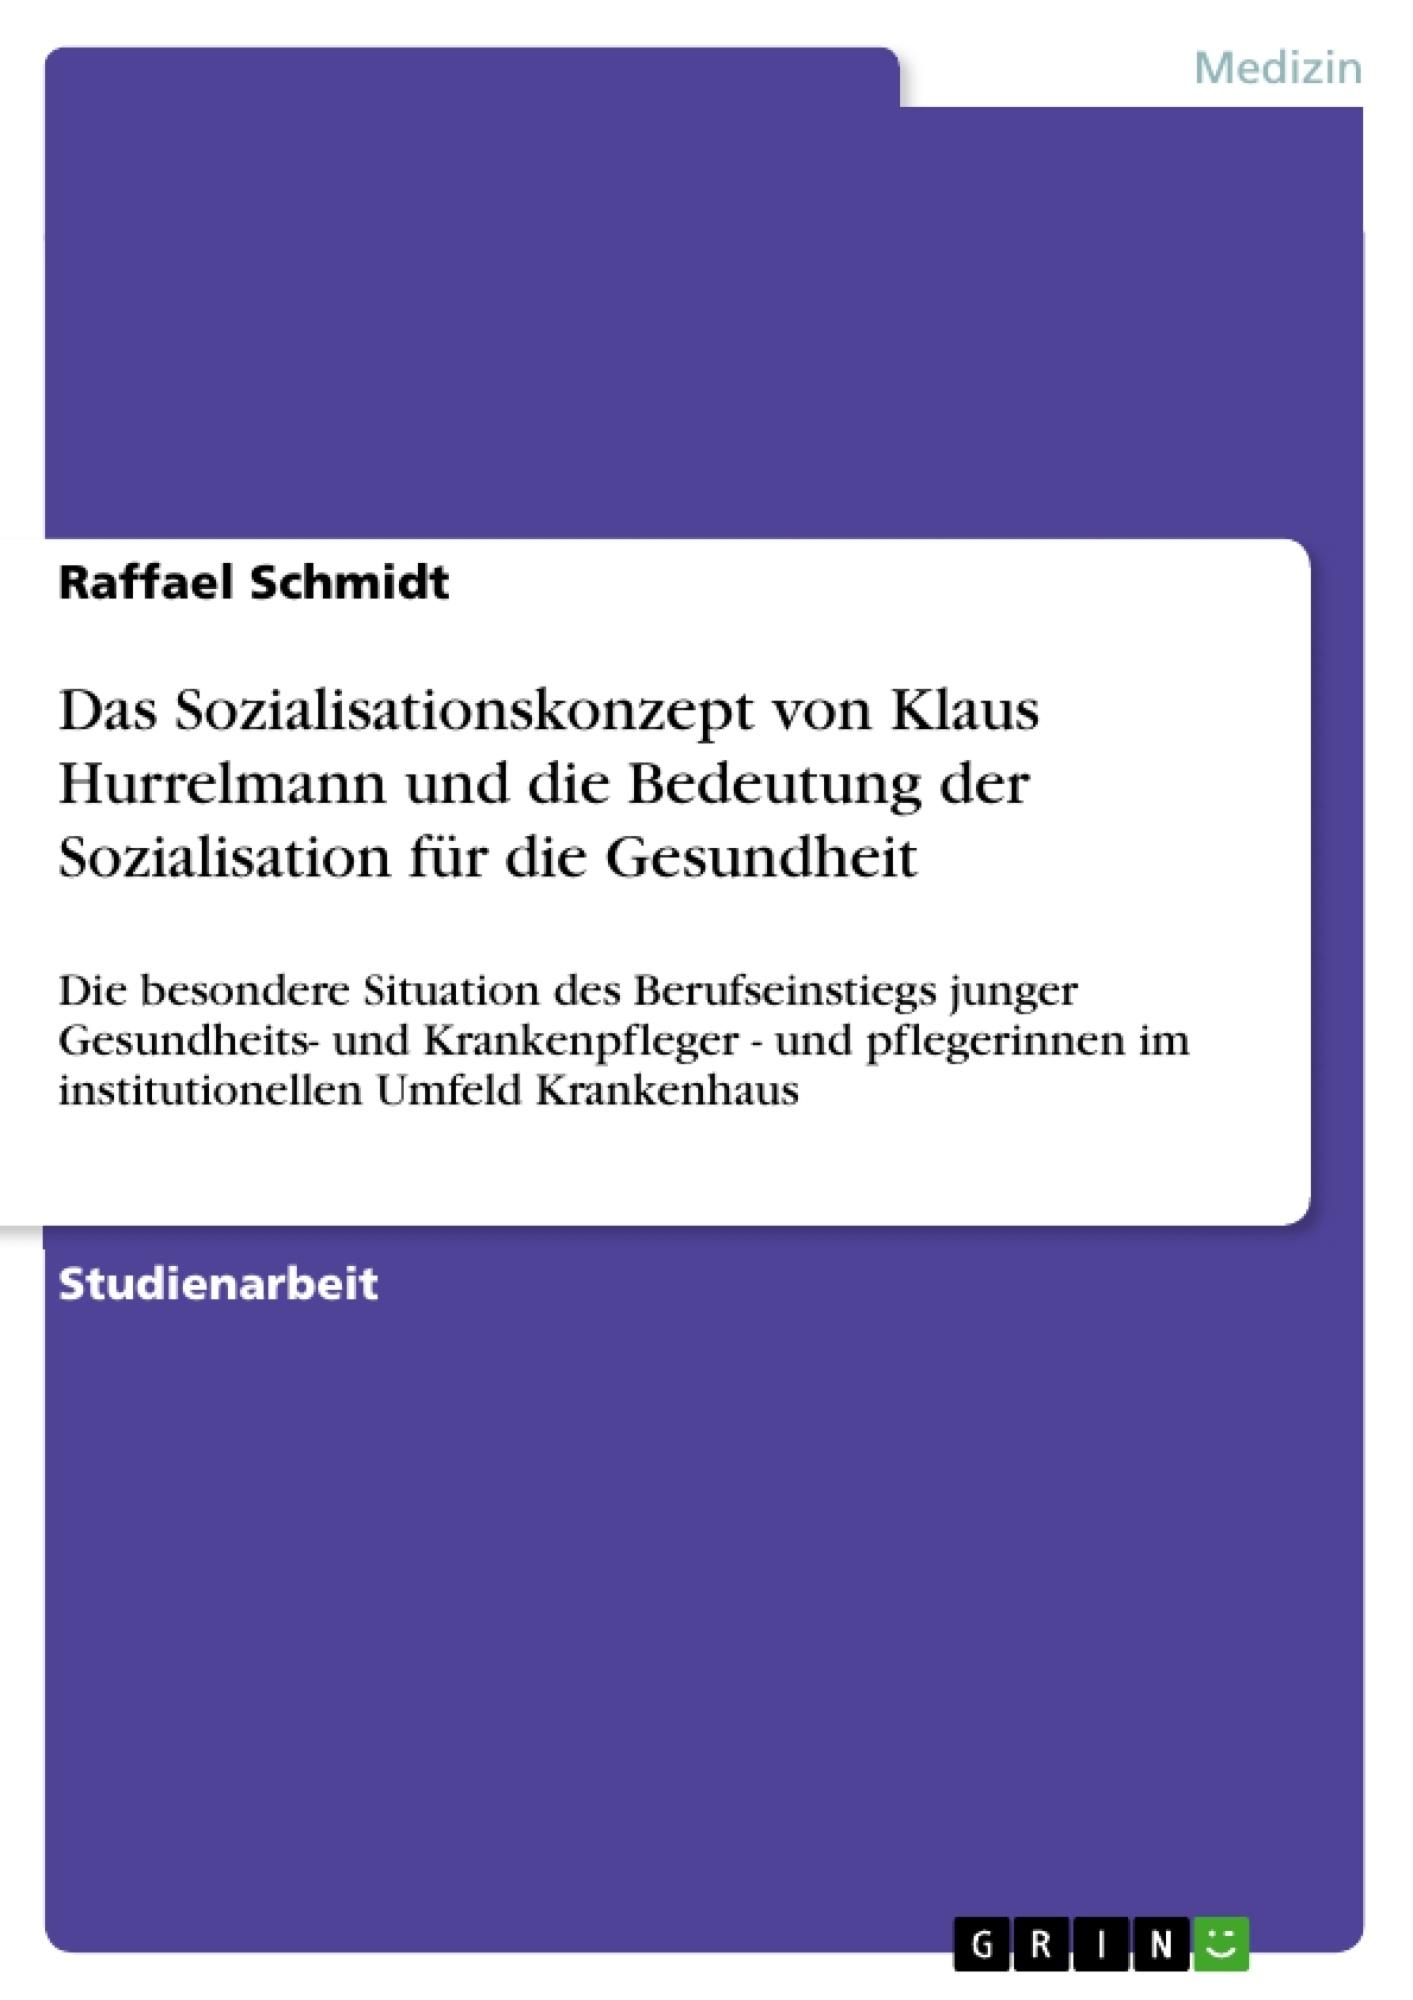 Titel: Das Sozialisationskonzept von Klaus Hurrelmann und die Bedeutung der Sozialisation für die Gesundheit